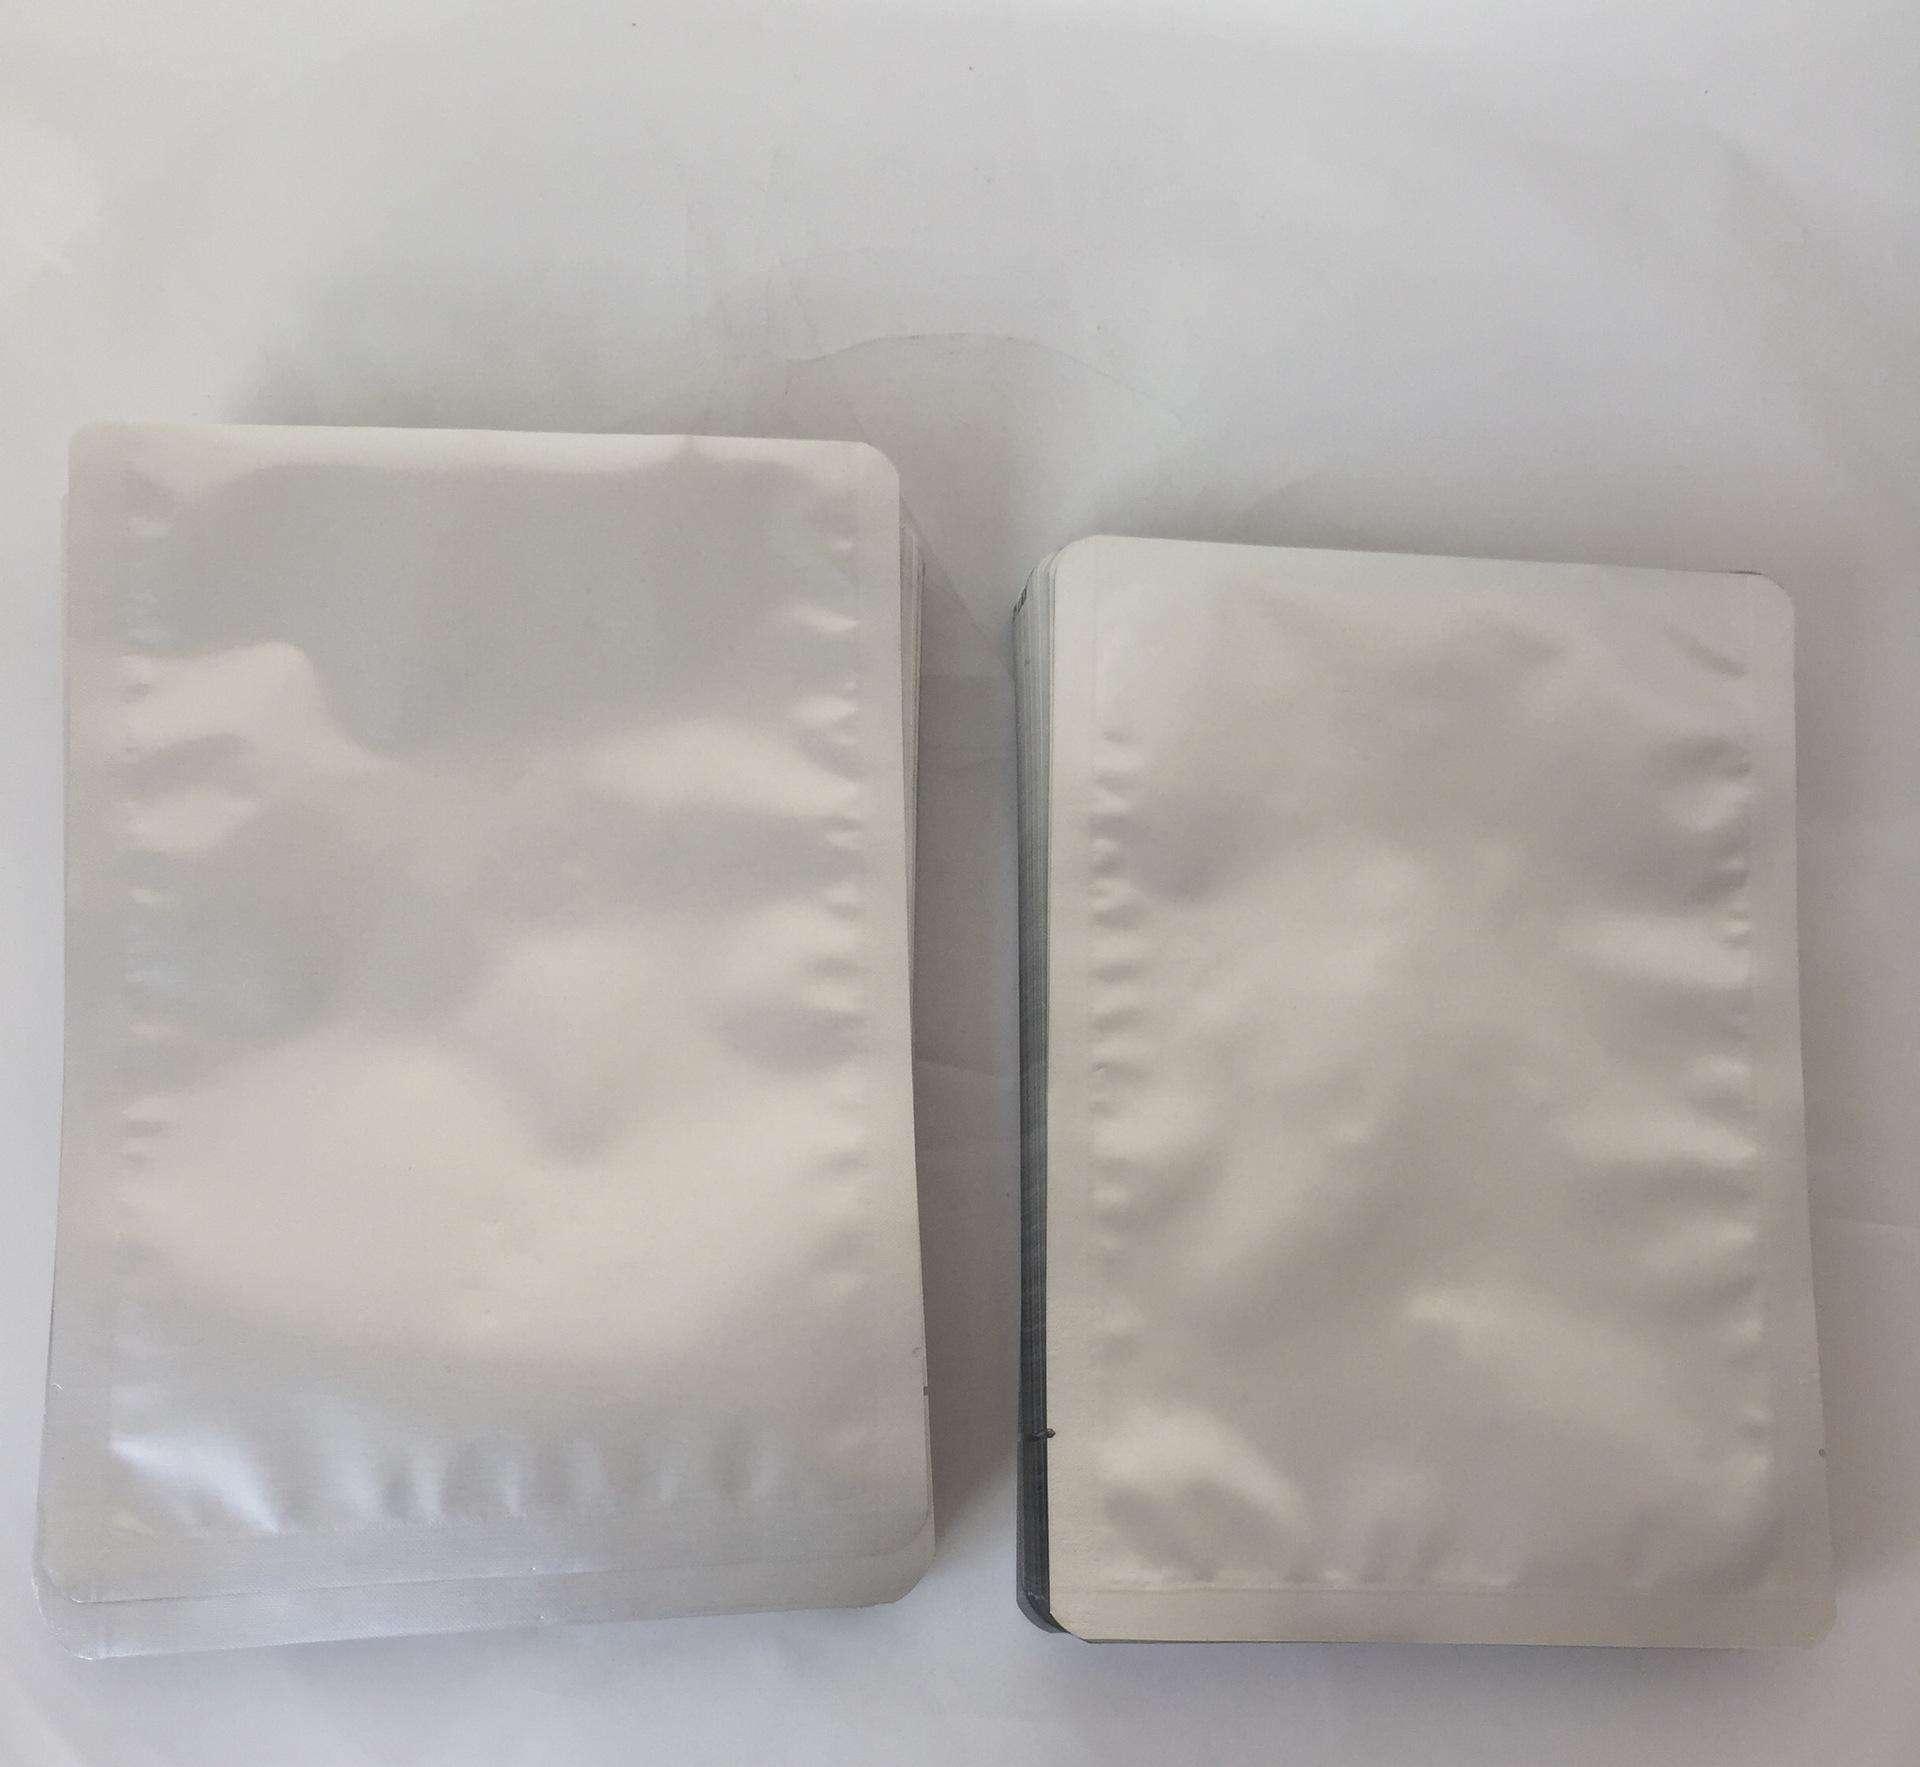 合肥厂家专业生产销售真空铝箔袋物美价廉